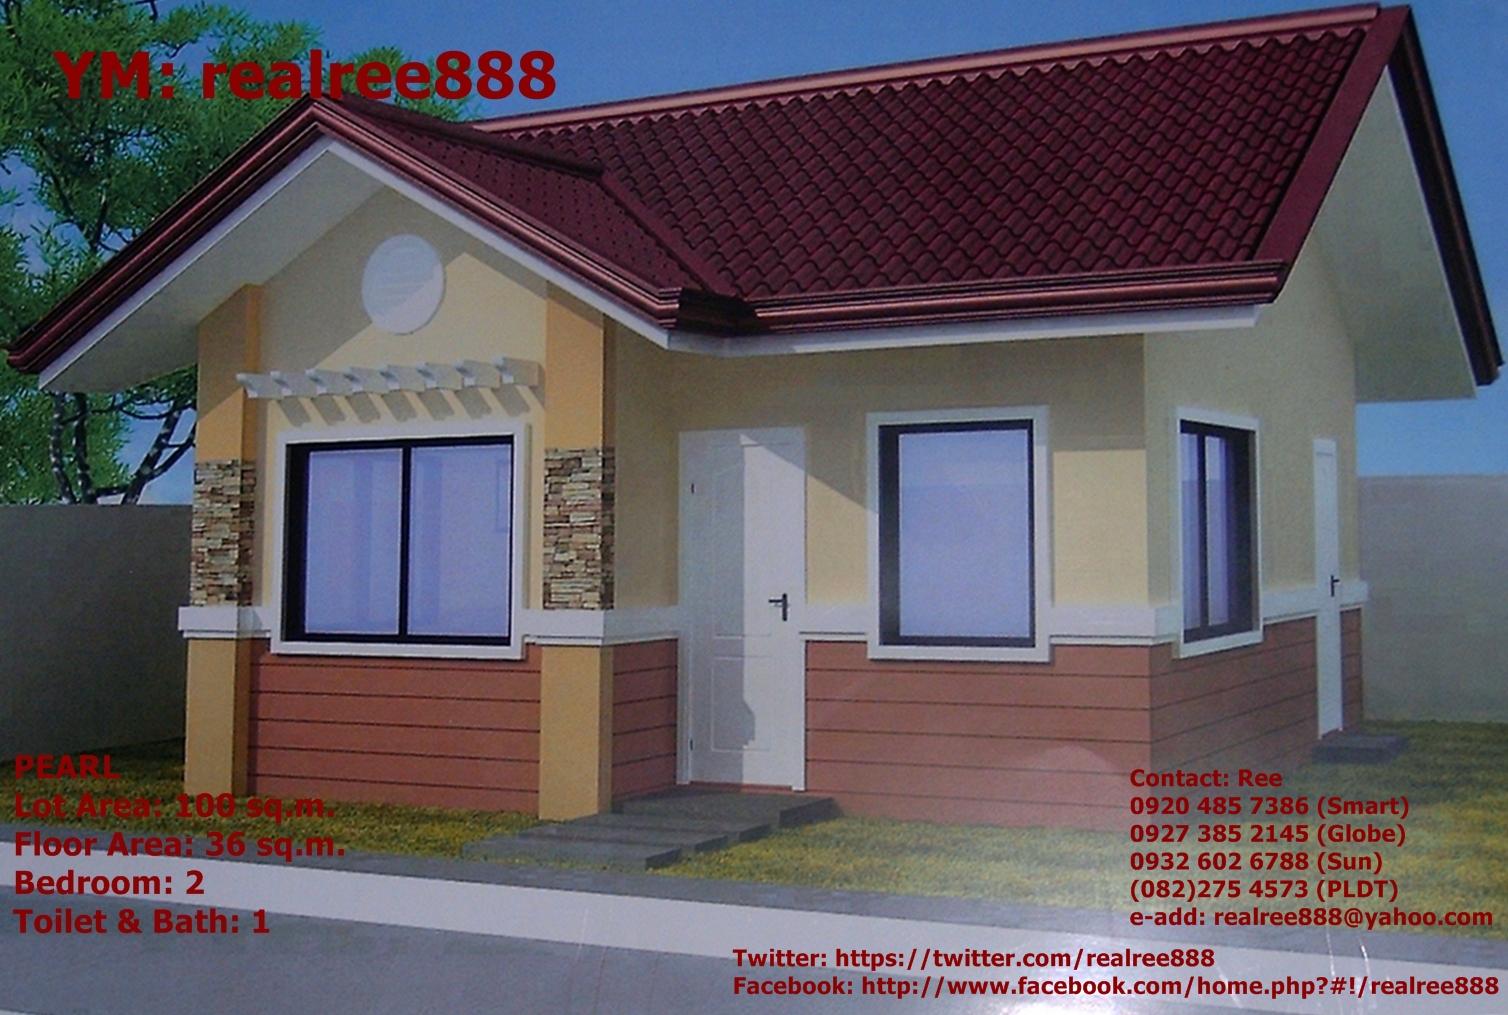 GRACE PARK SUBDIVISION - Matina, Davao City